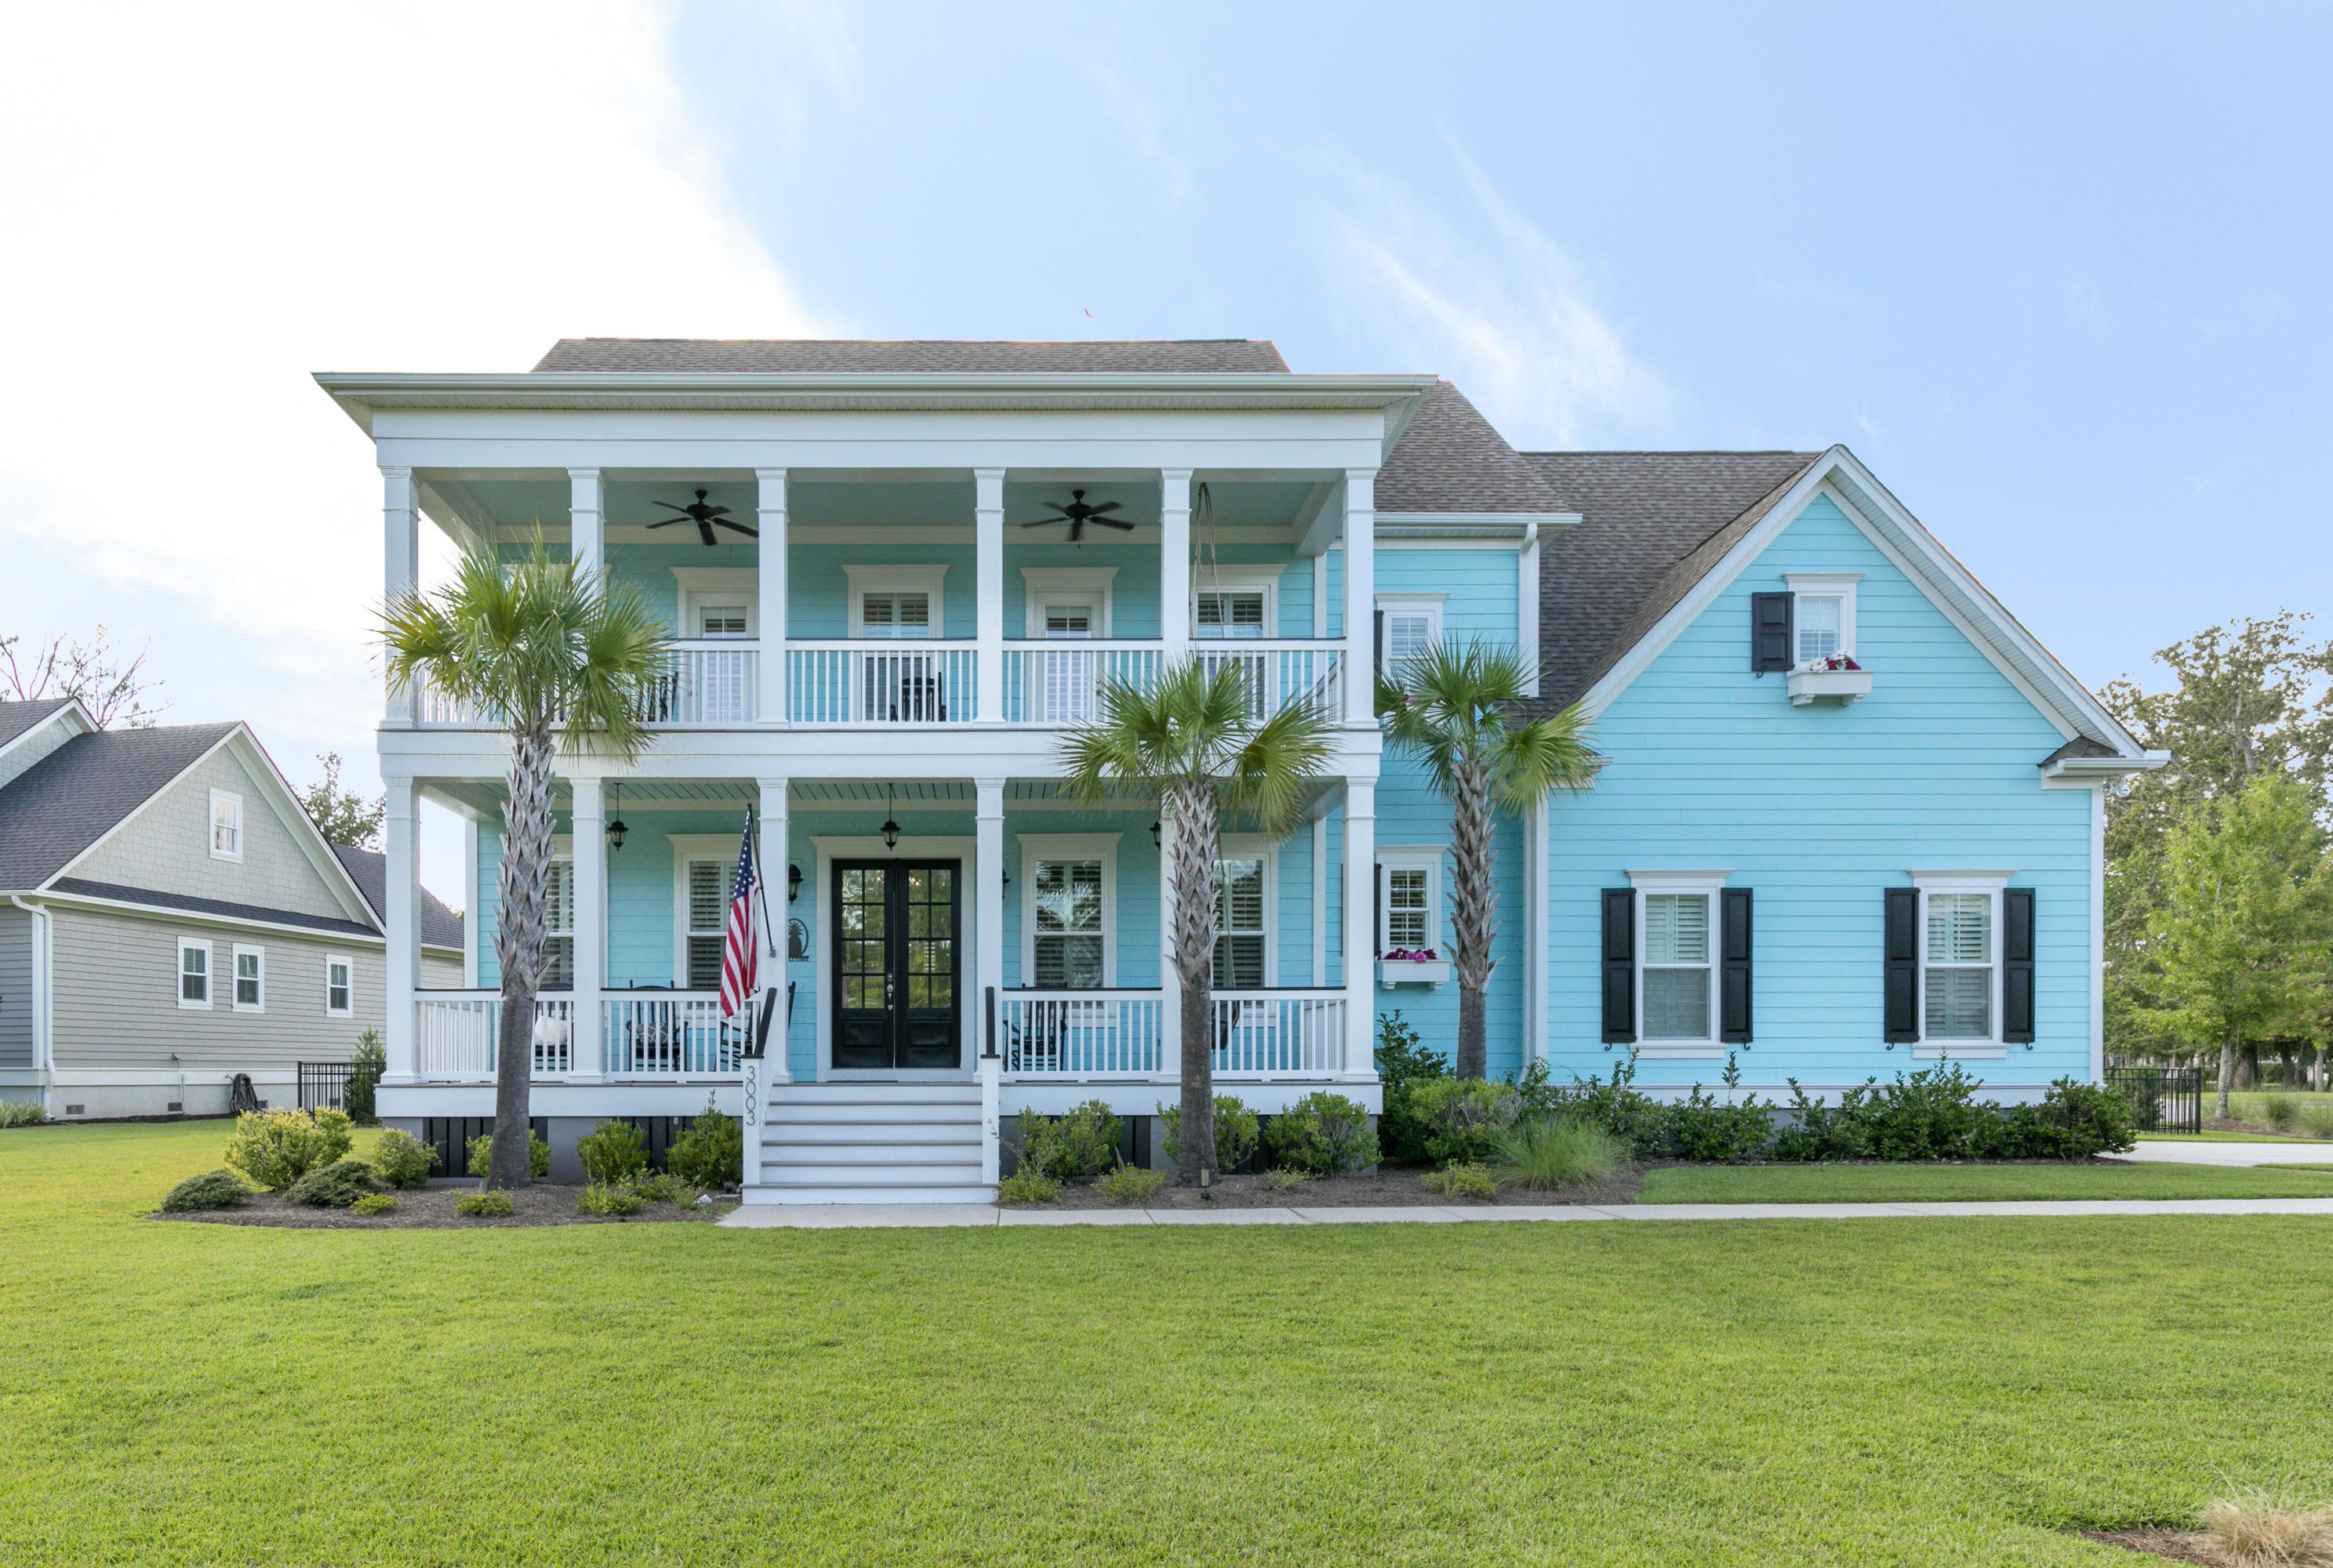 Dunes West Homes For Sale - 3003 River Vista, Mount Pleasant, SC - 6